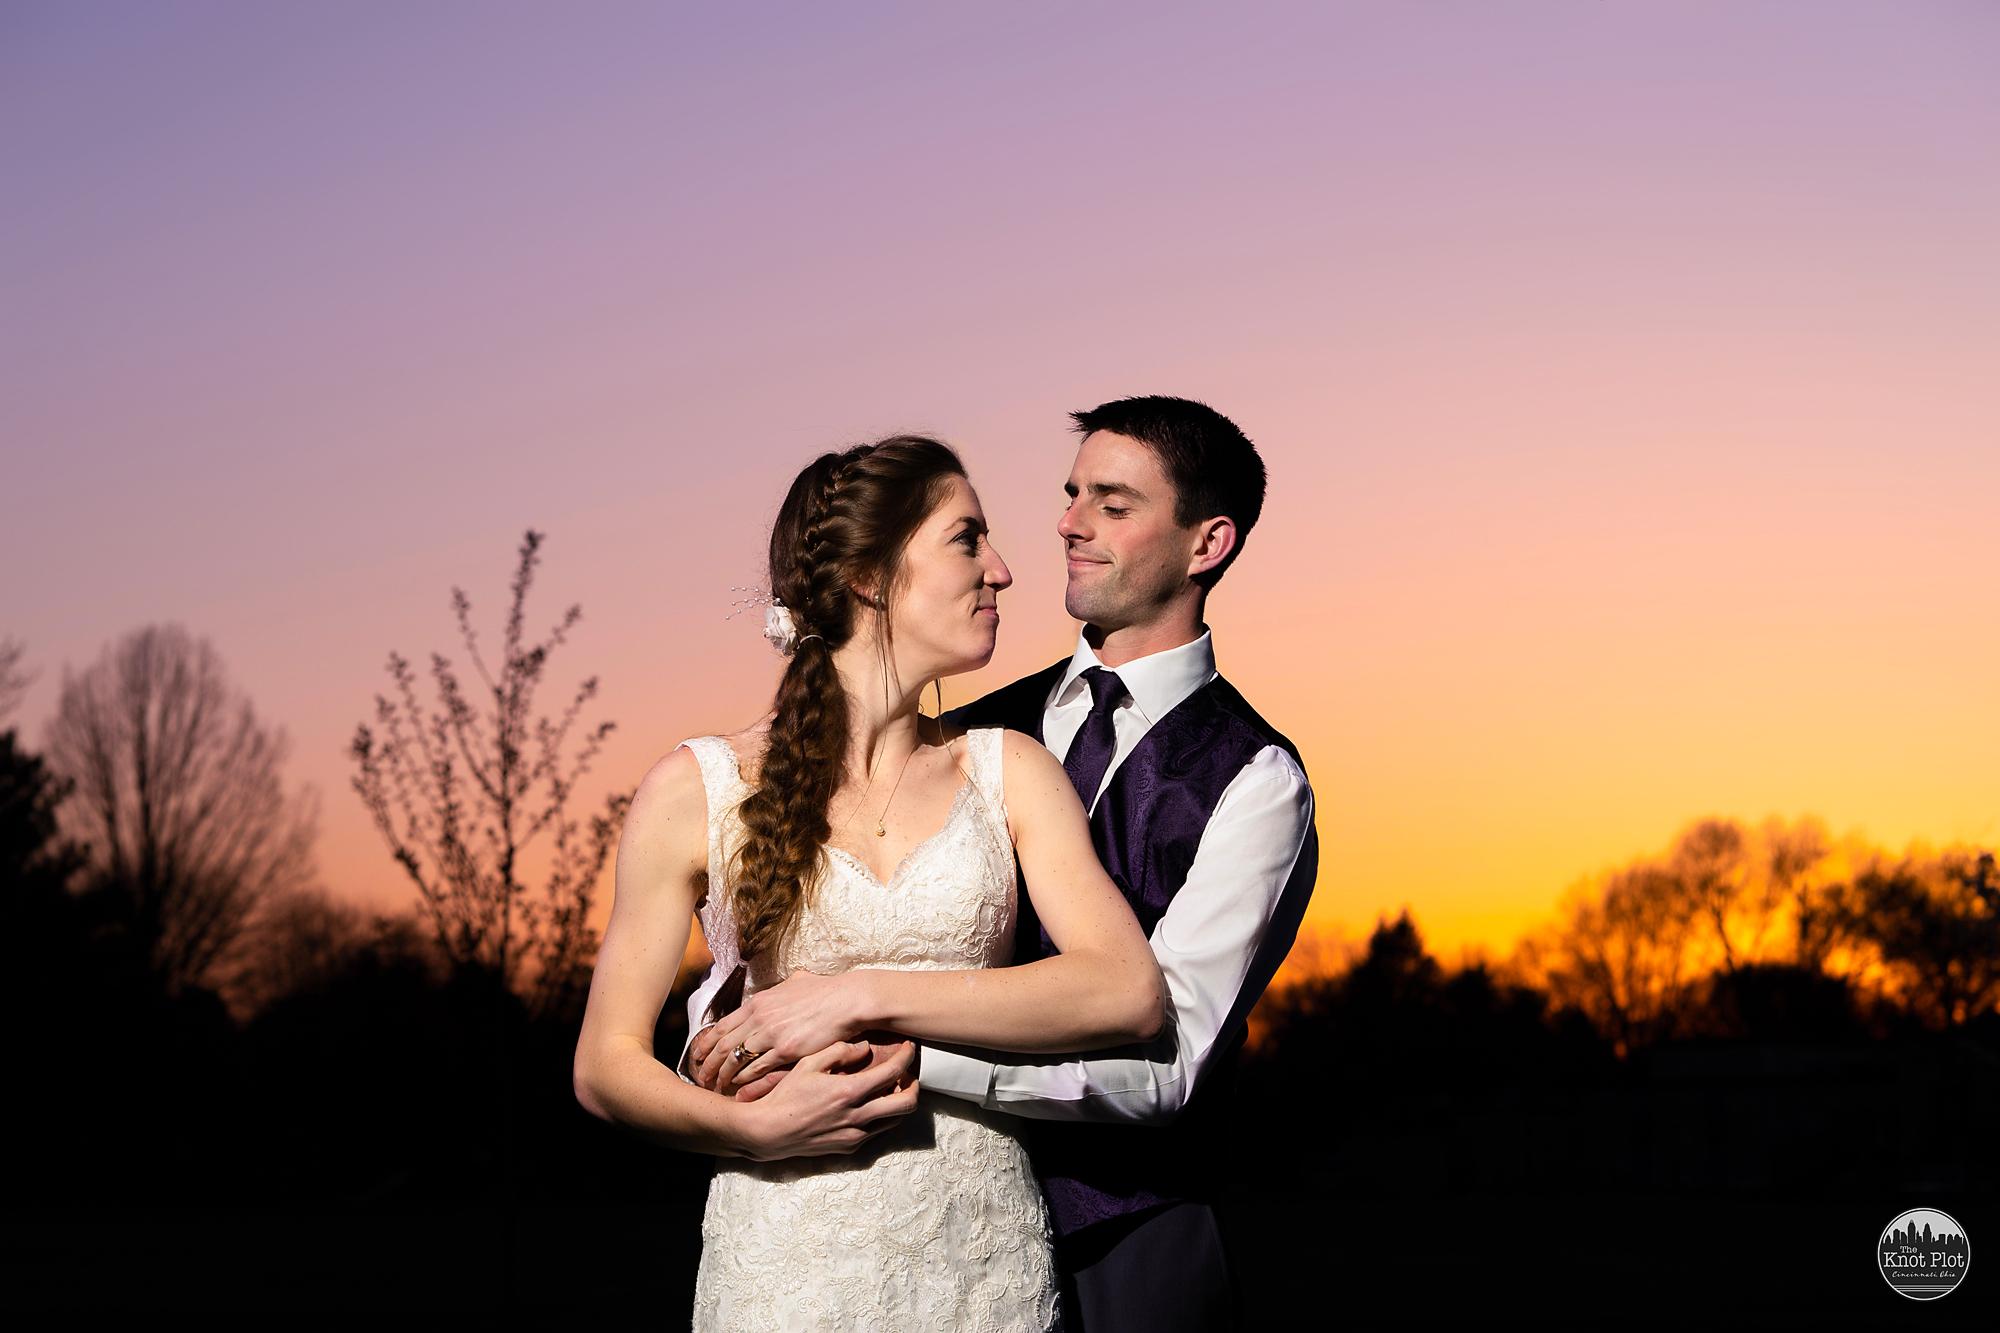 Polen-Farm-Cincinnati-Wedding-Photographers.jpg